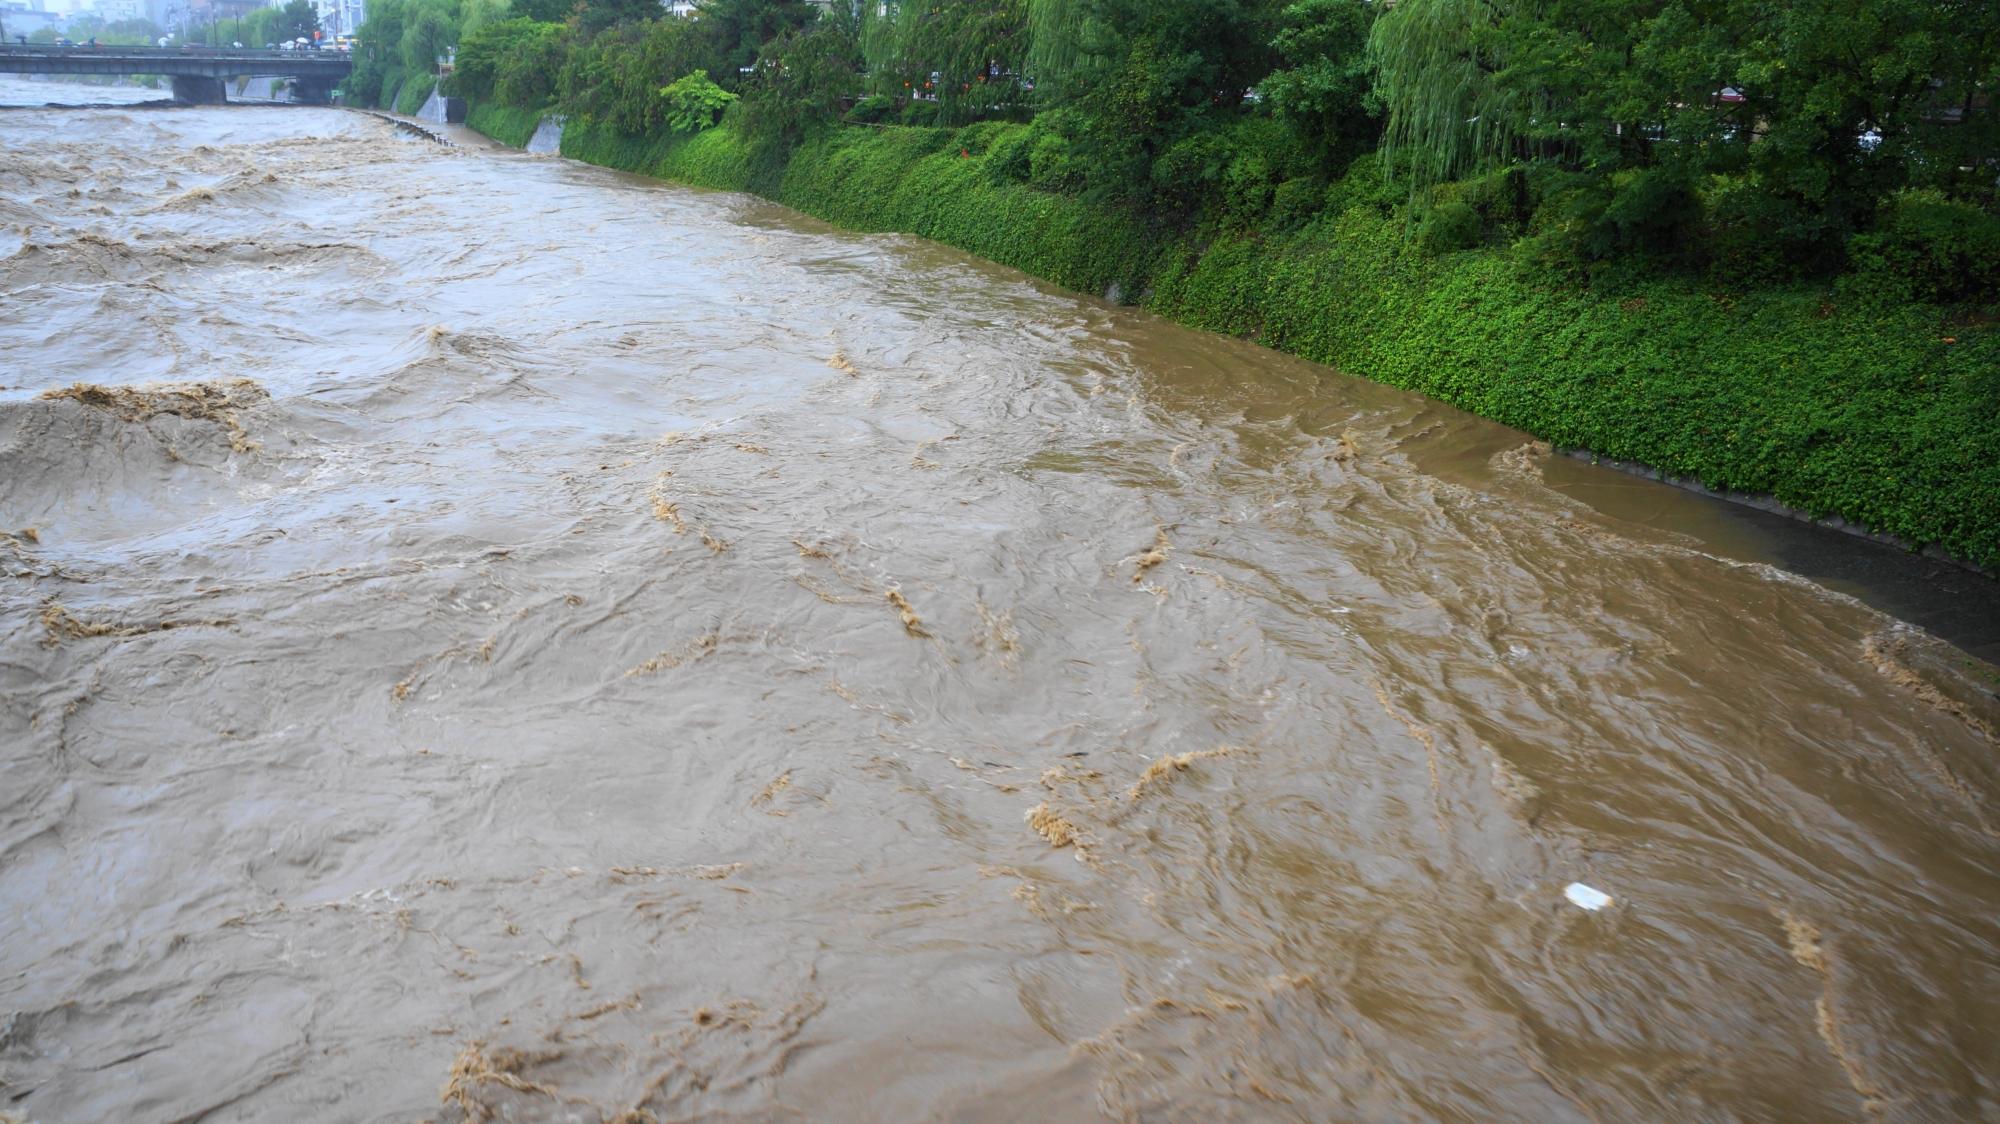 水位が上がり緑の植物も水に浸かってしまっている濁流の鴨川